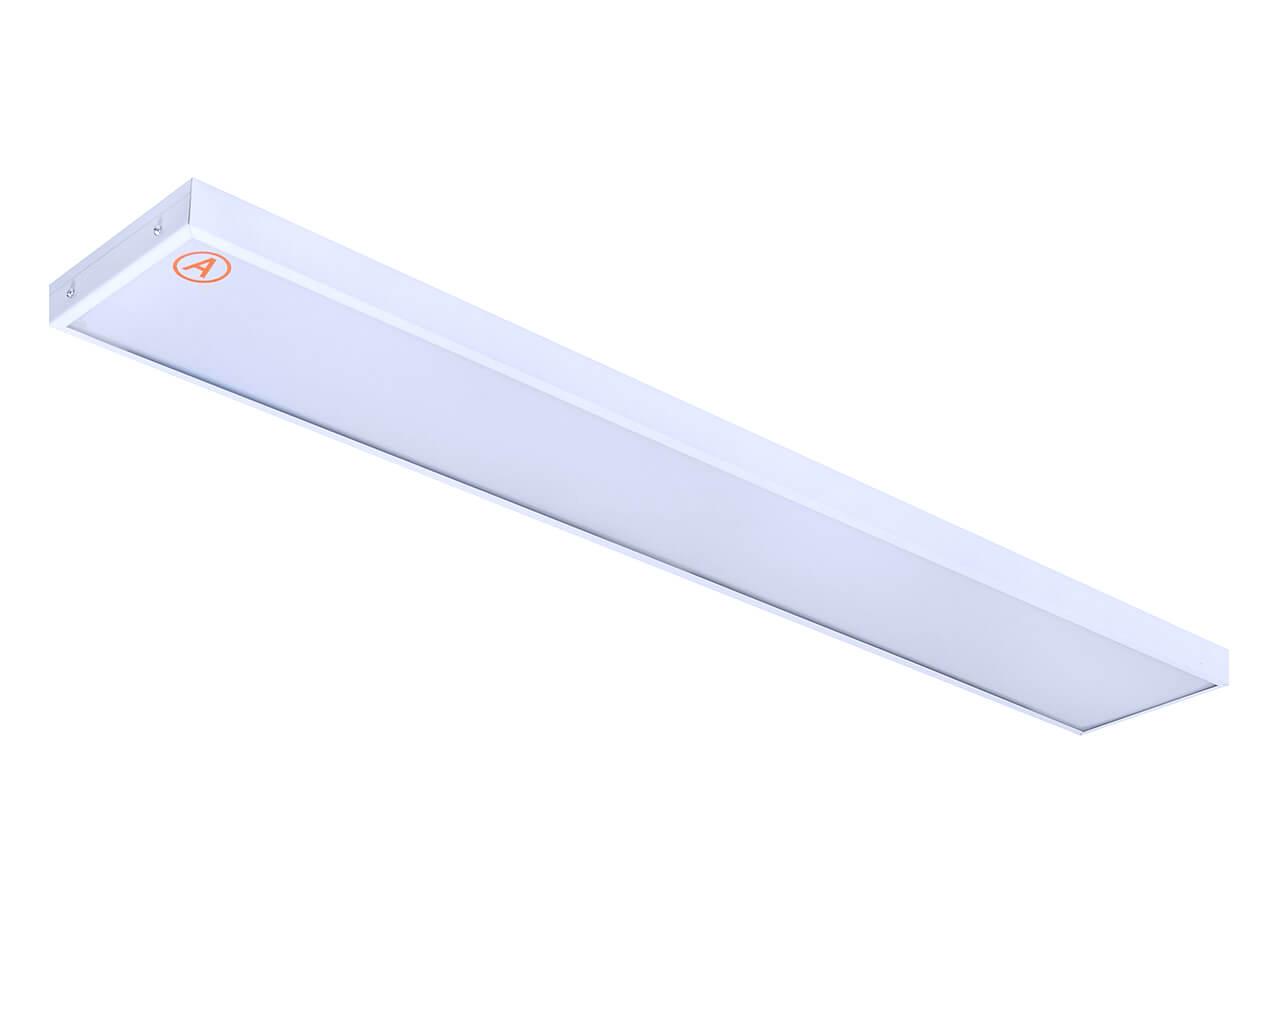 Накладной светильник LC-NS-60-OP-DW ватт 1195x180 Теплый белый Опал с Бап